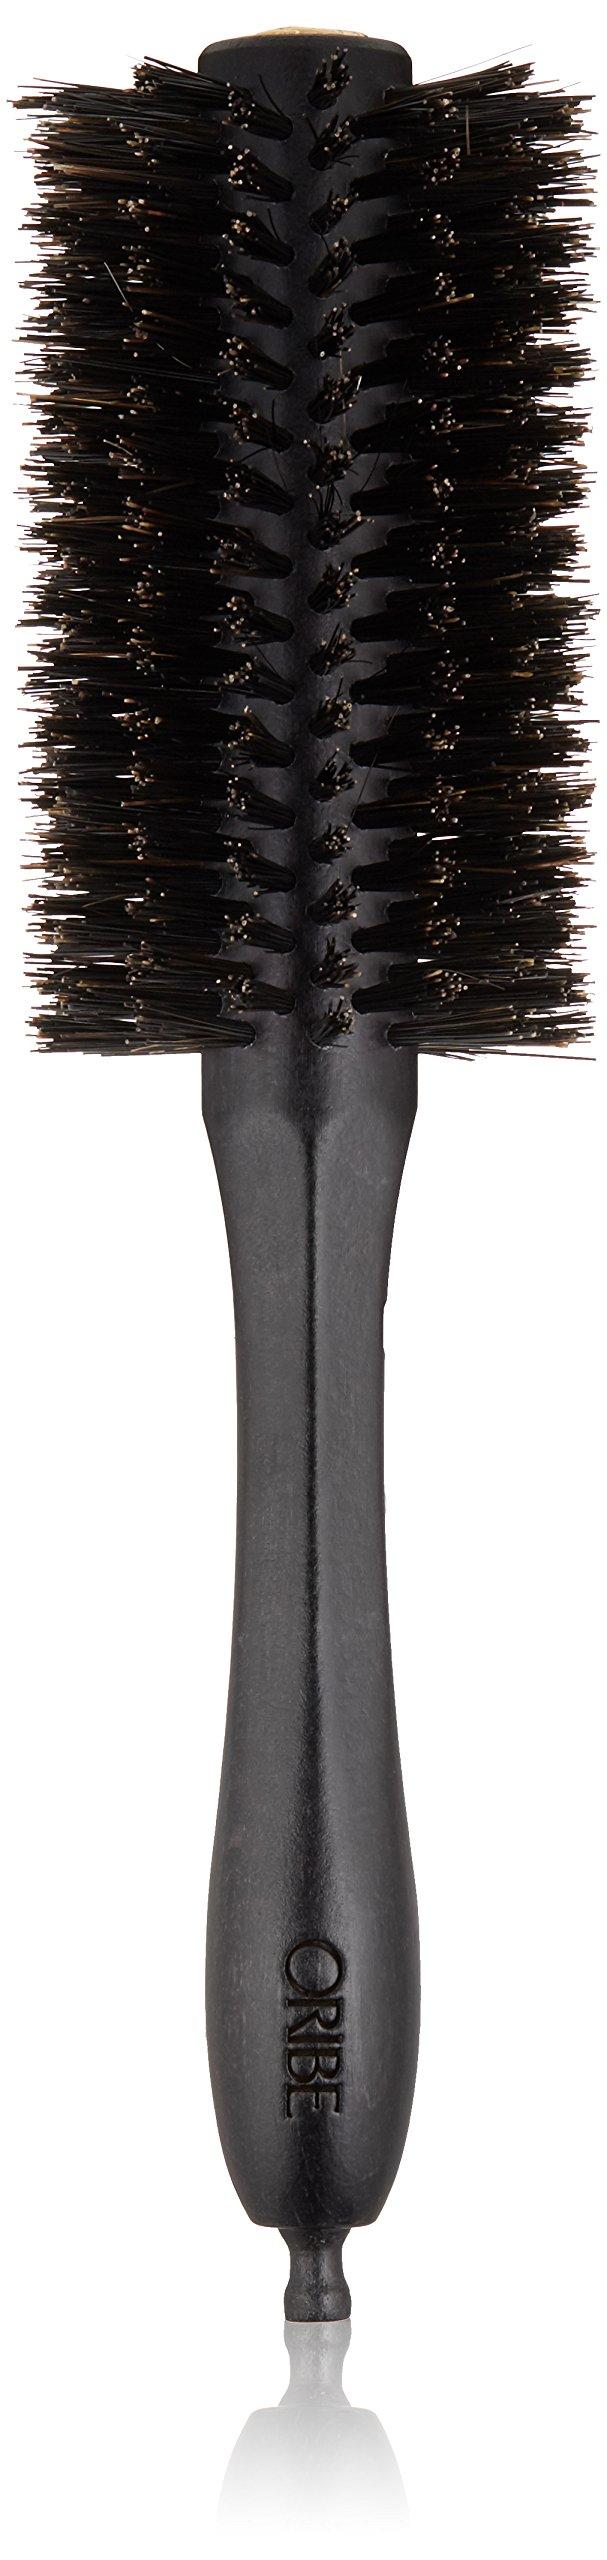 ORIBE Medium Round Brush, 0.5 lb.